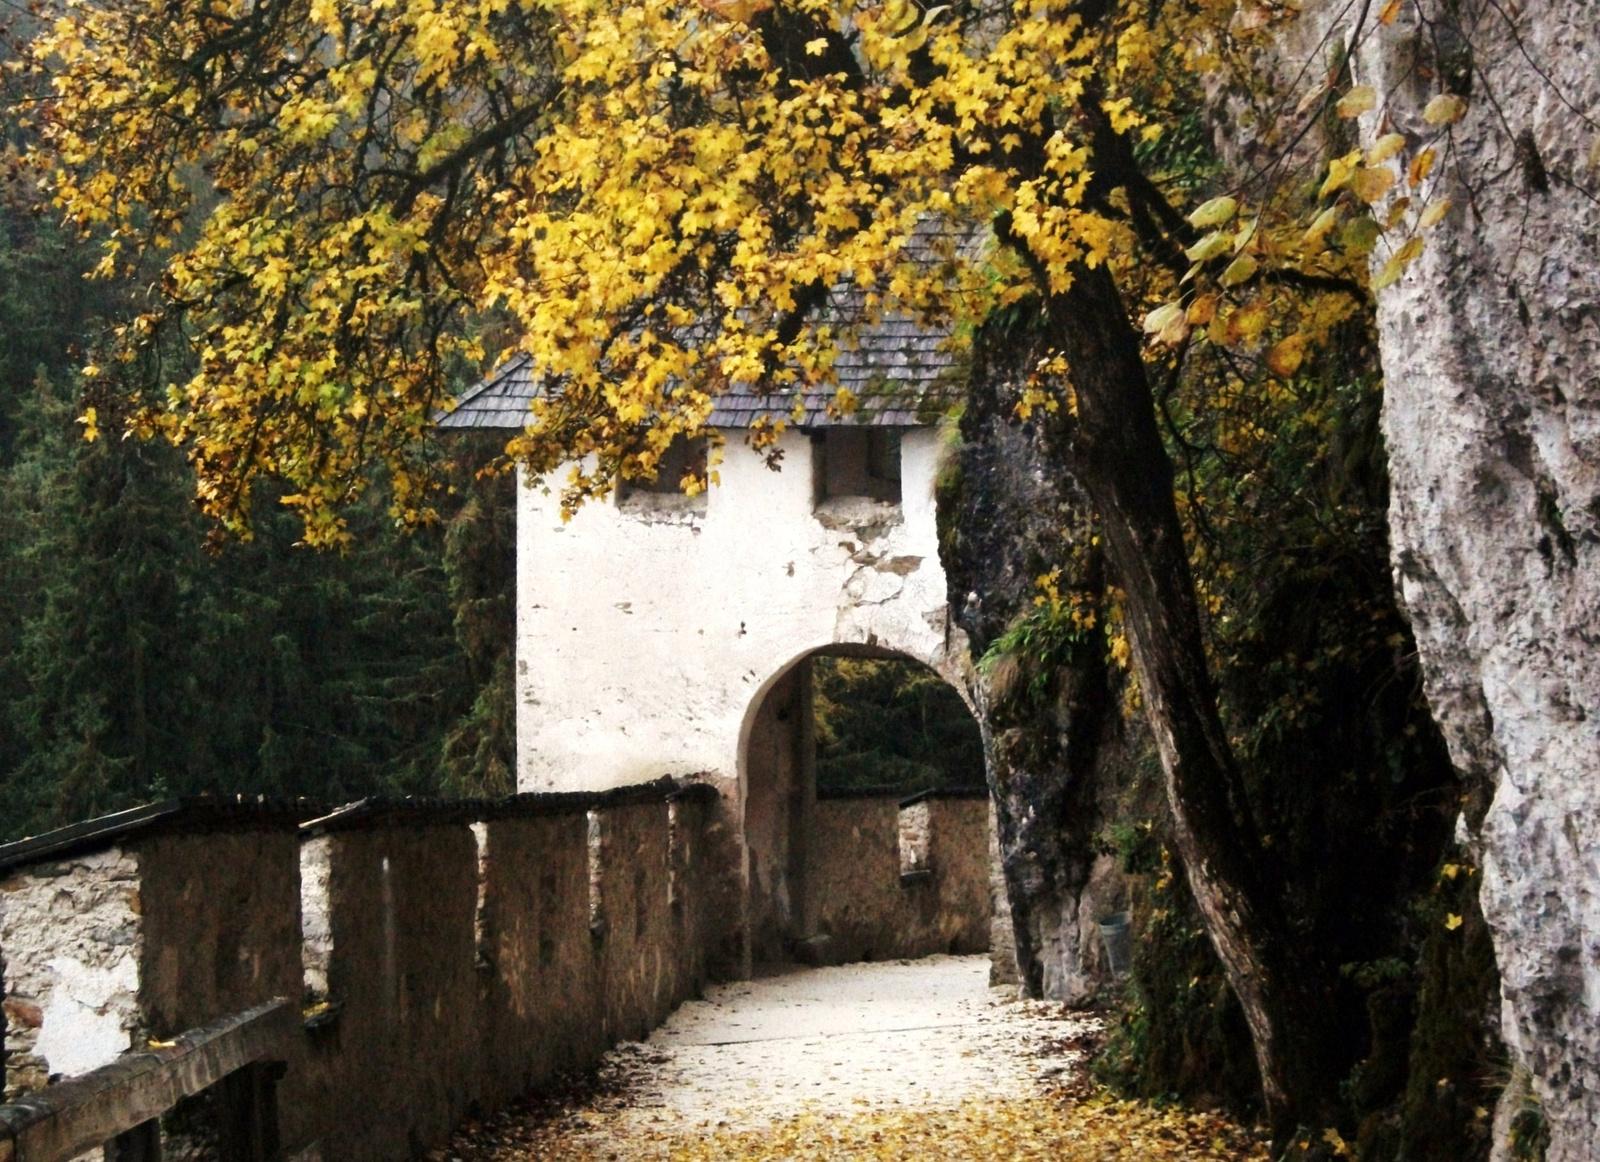 Sárguló levelek alatt